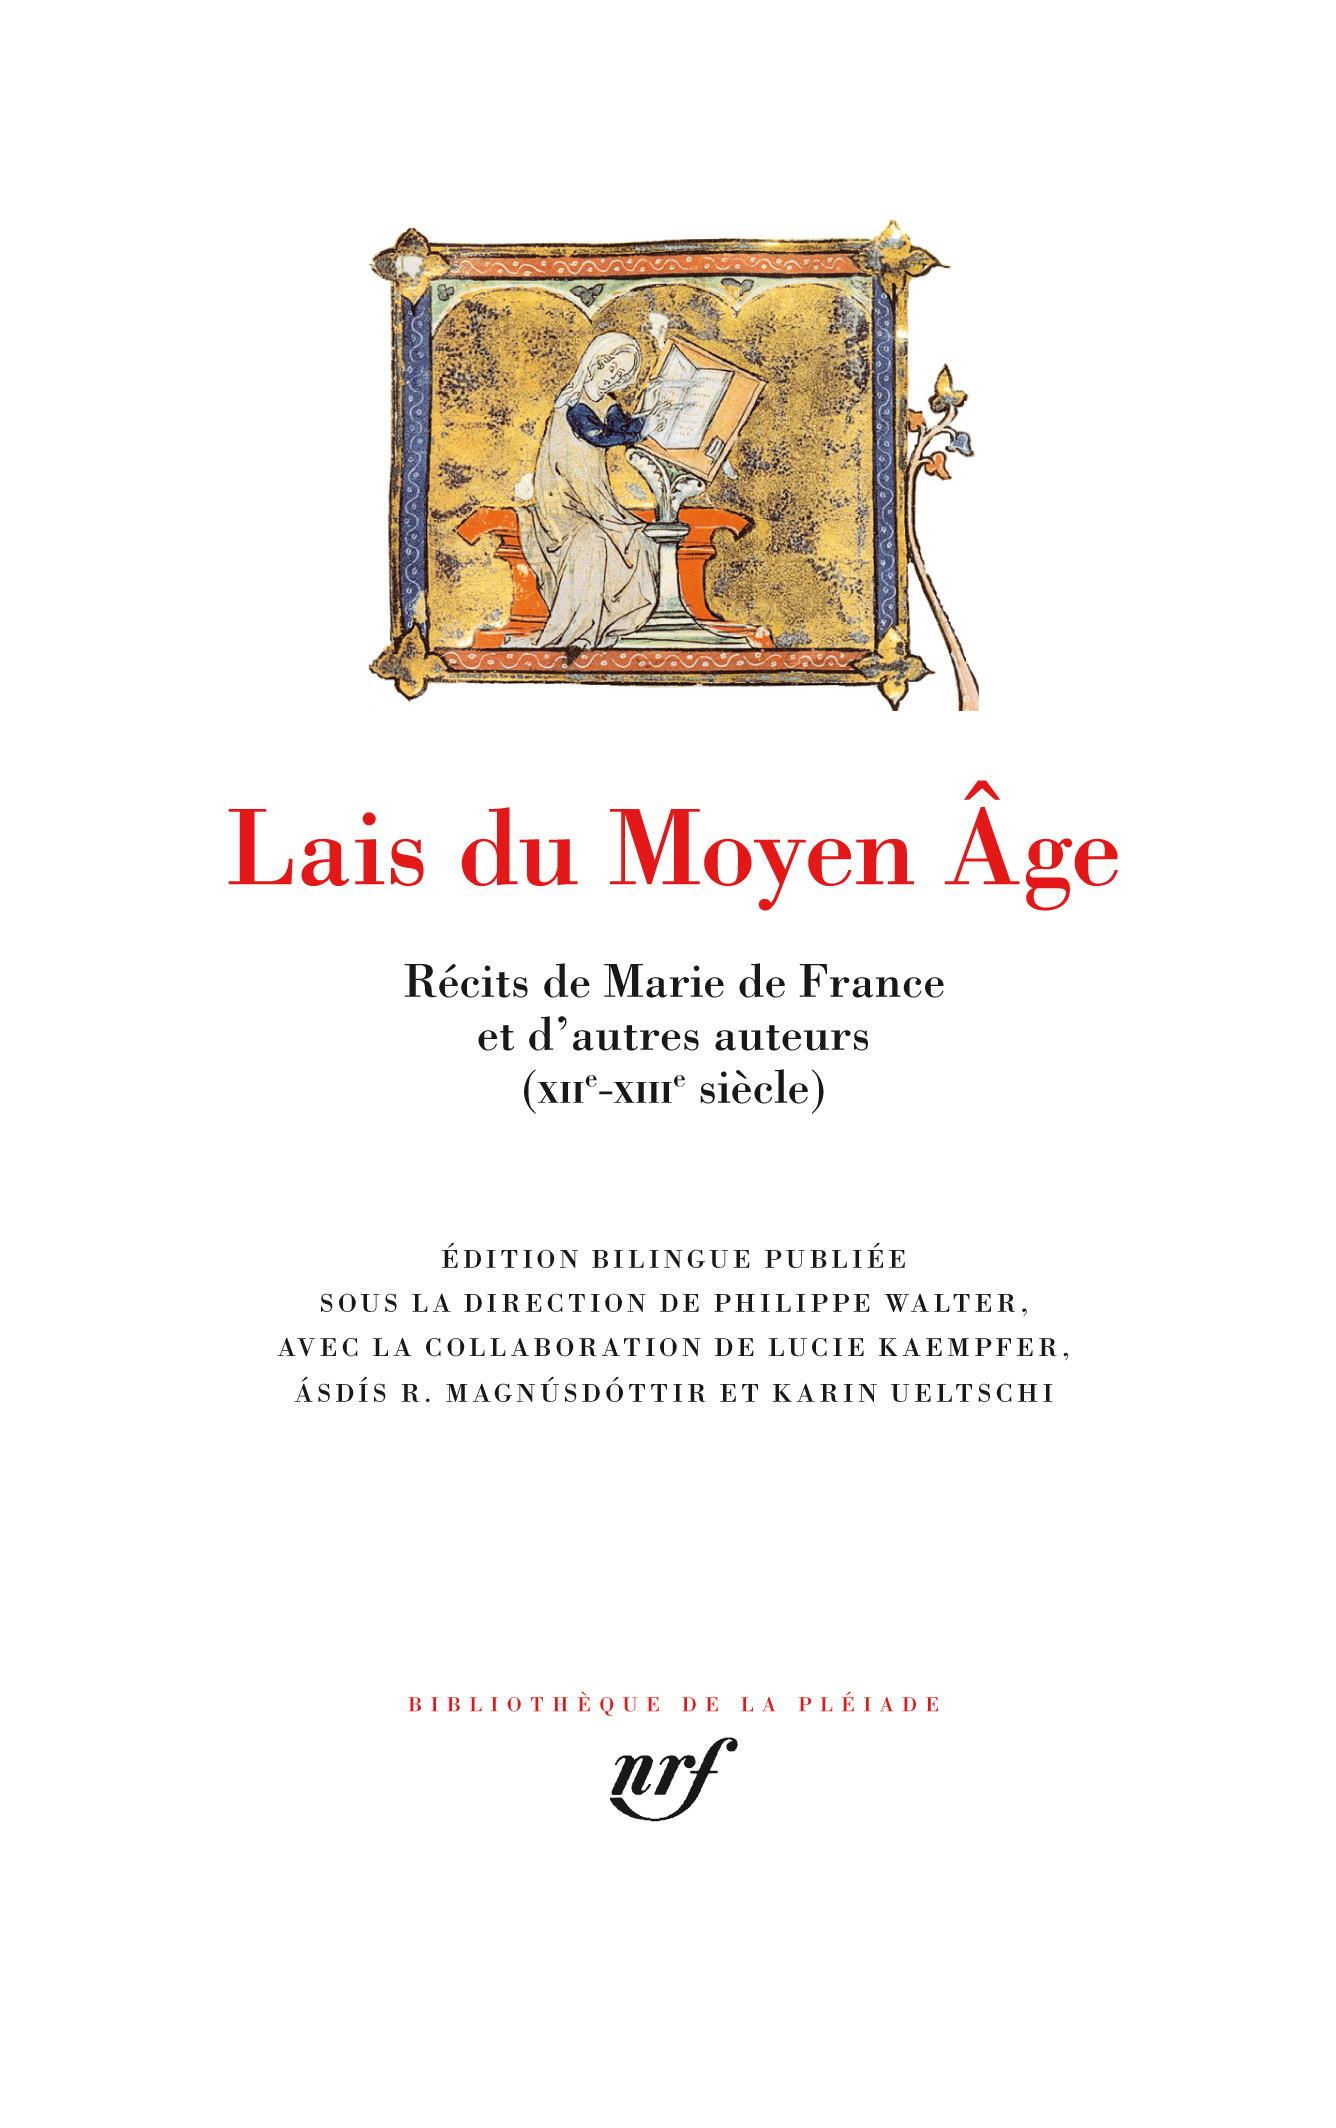 Lais du Moyen Âge. Récits de Marie de France et d'autres auteurs XIIᵉ-XIIIᵉ siècle (Biblioth. de la Pléiade)